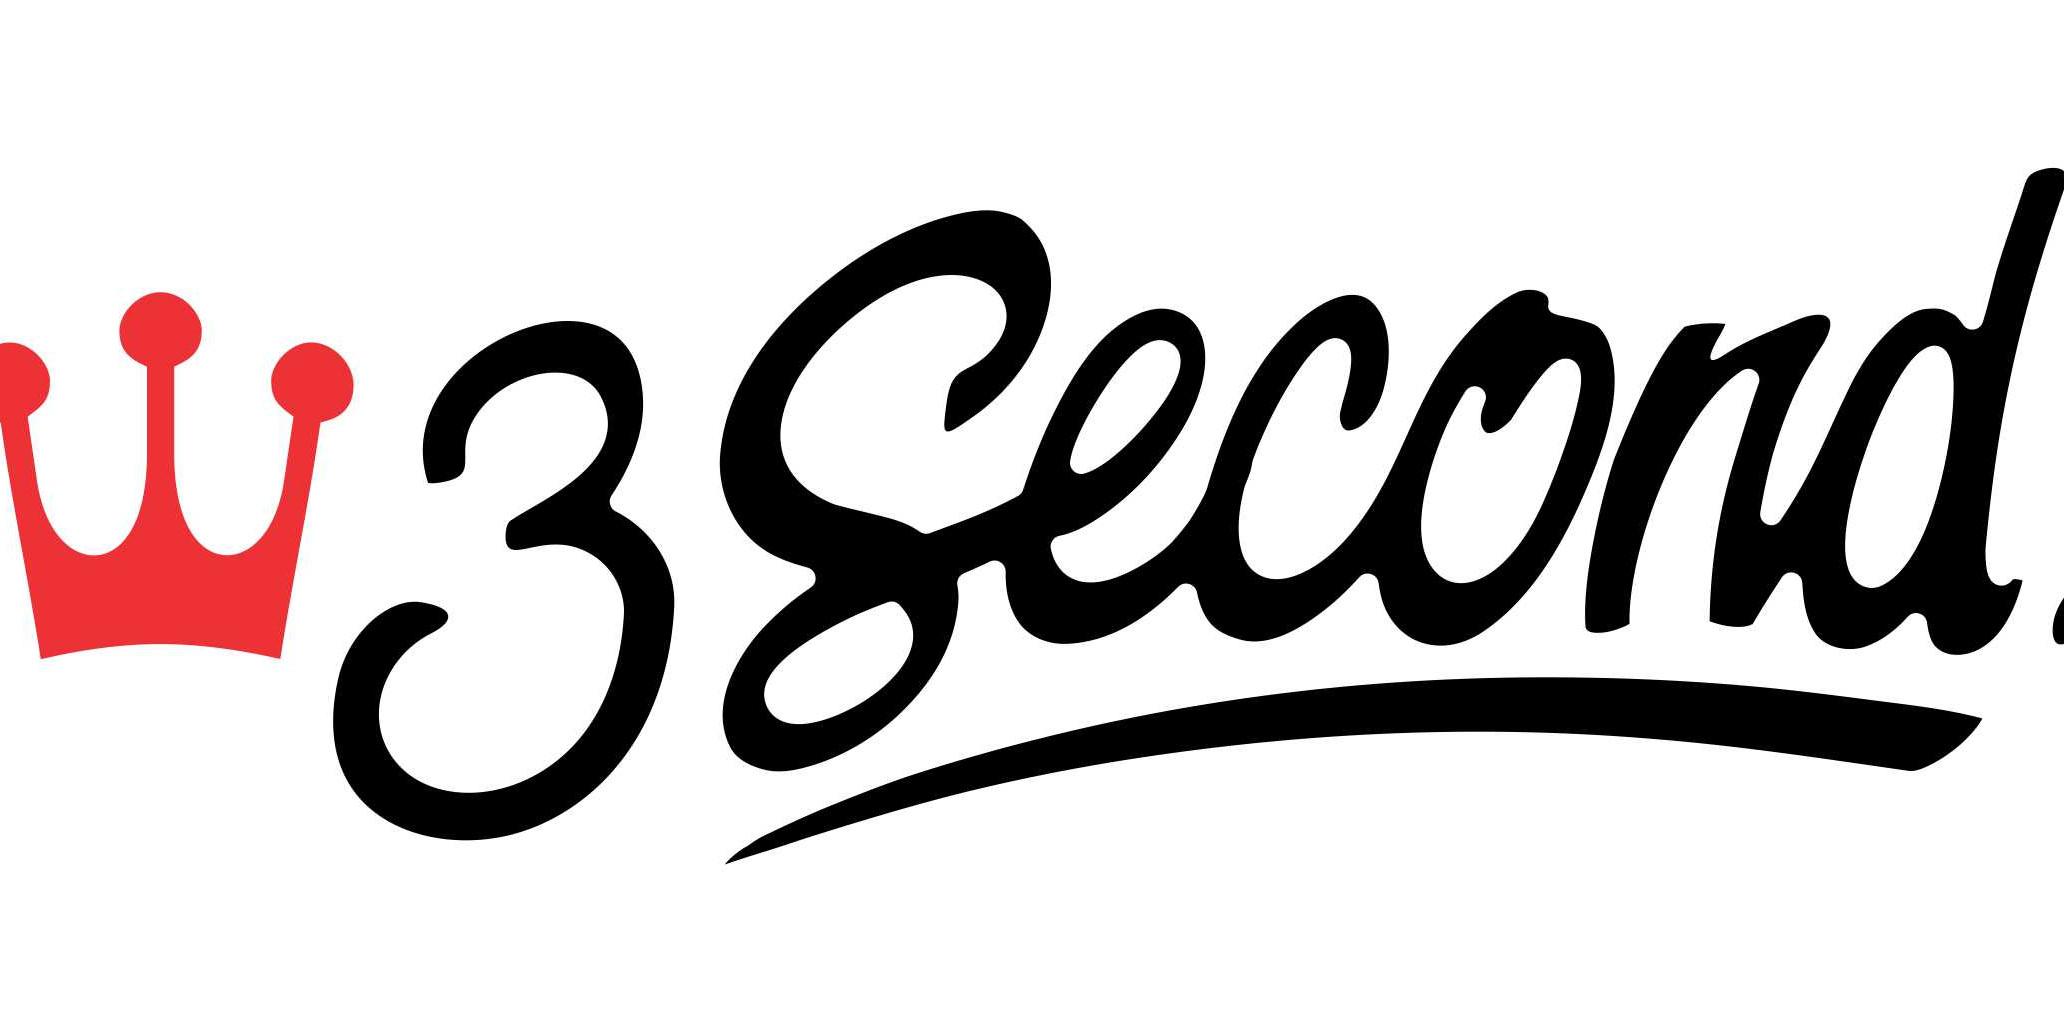 Kaos Lebaran Terbaik Dari 3Second